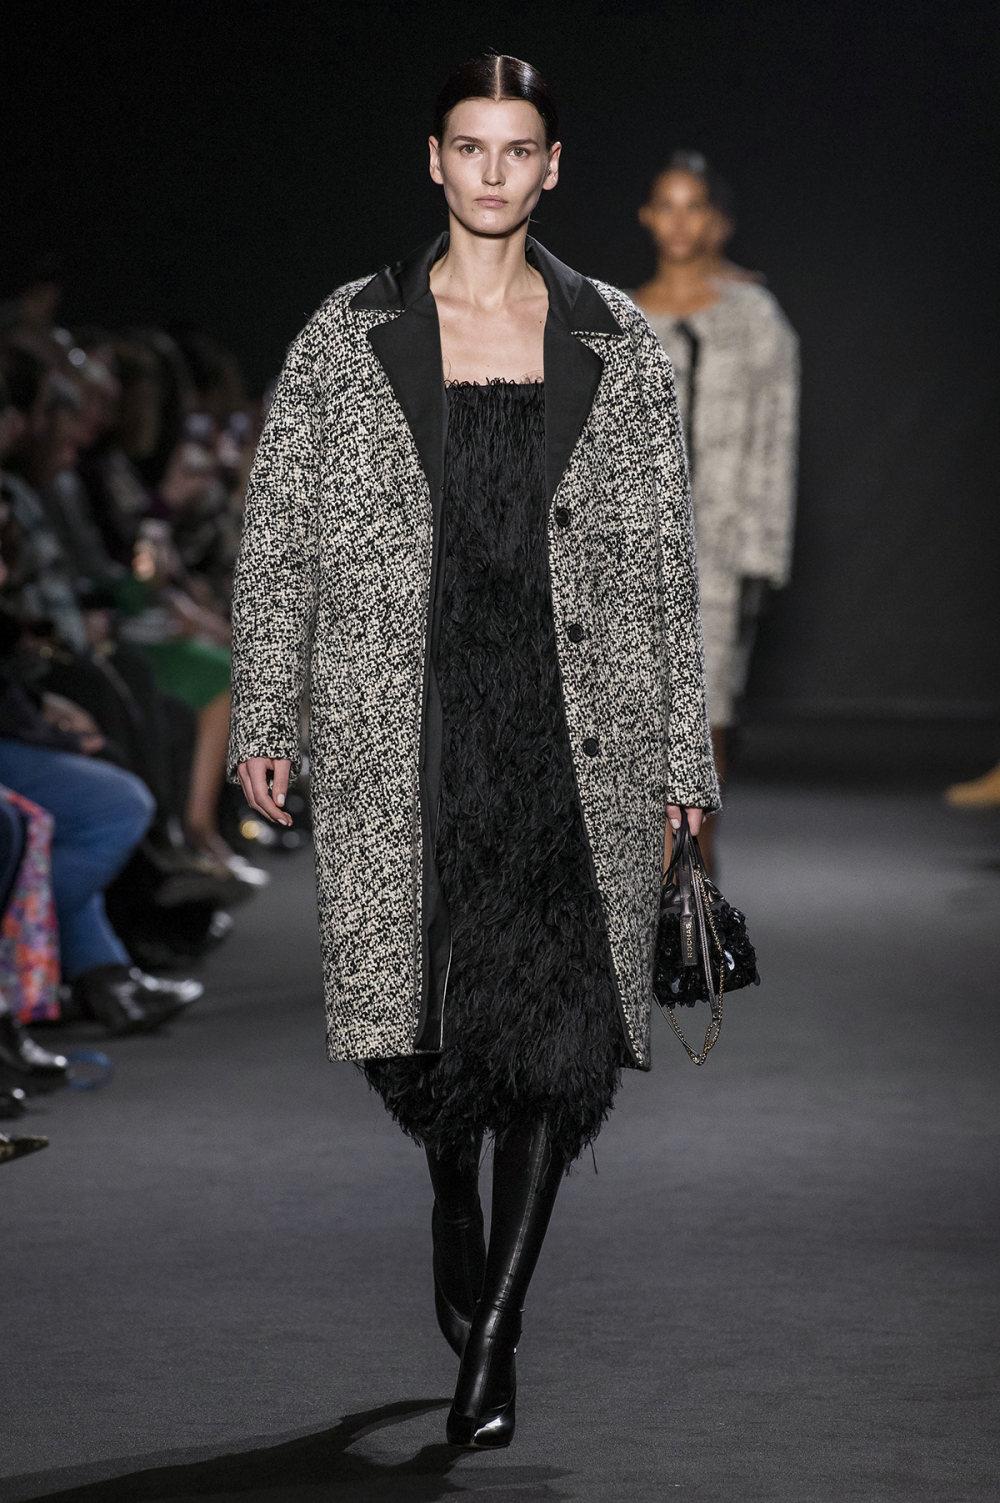 Rochas时装系列黑色无领斜纹软呢褶皱的黑色裙身饰有超细短袖衬衫-3.jpg